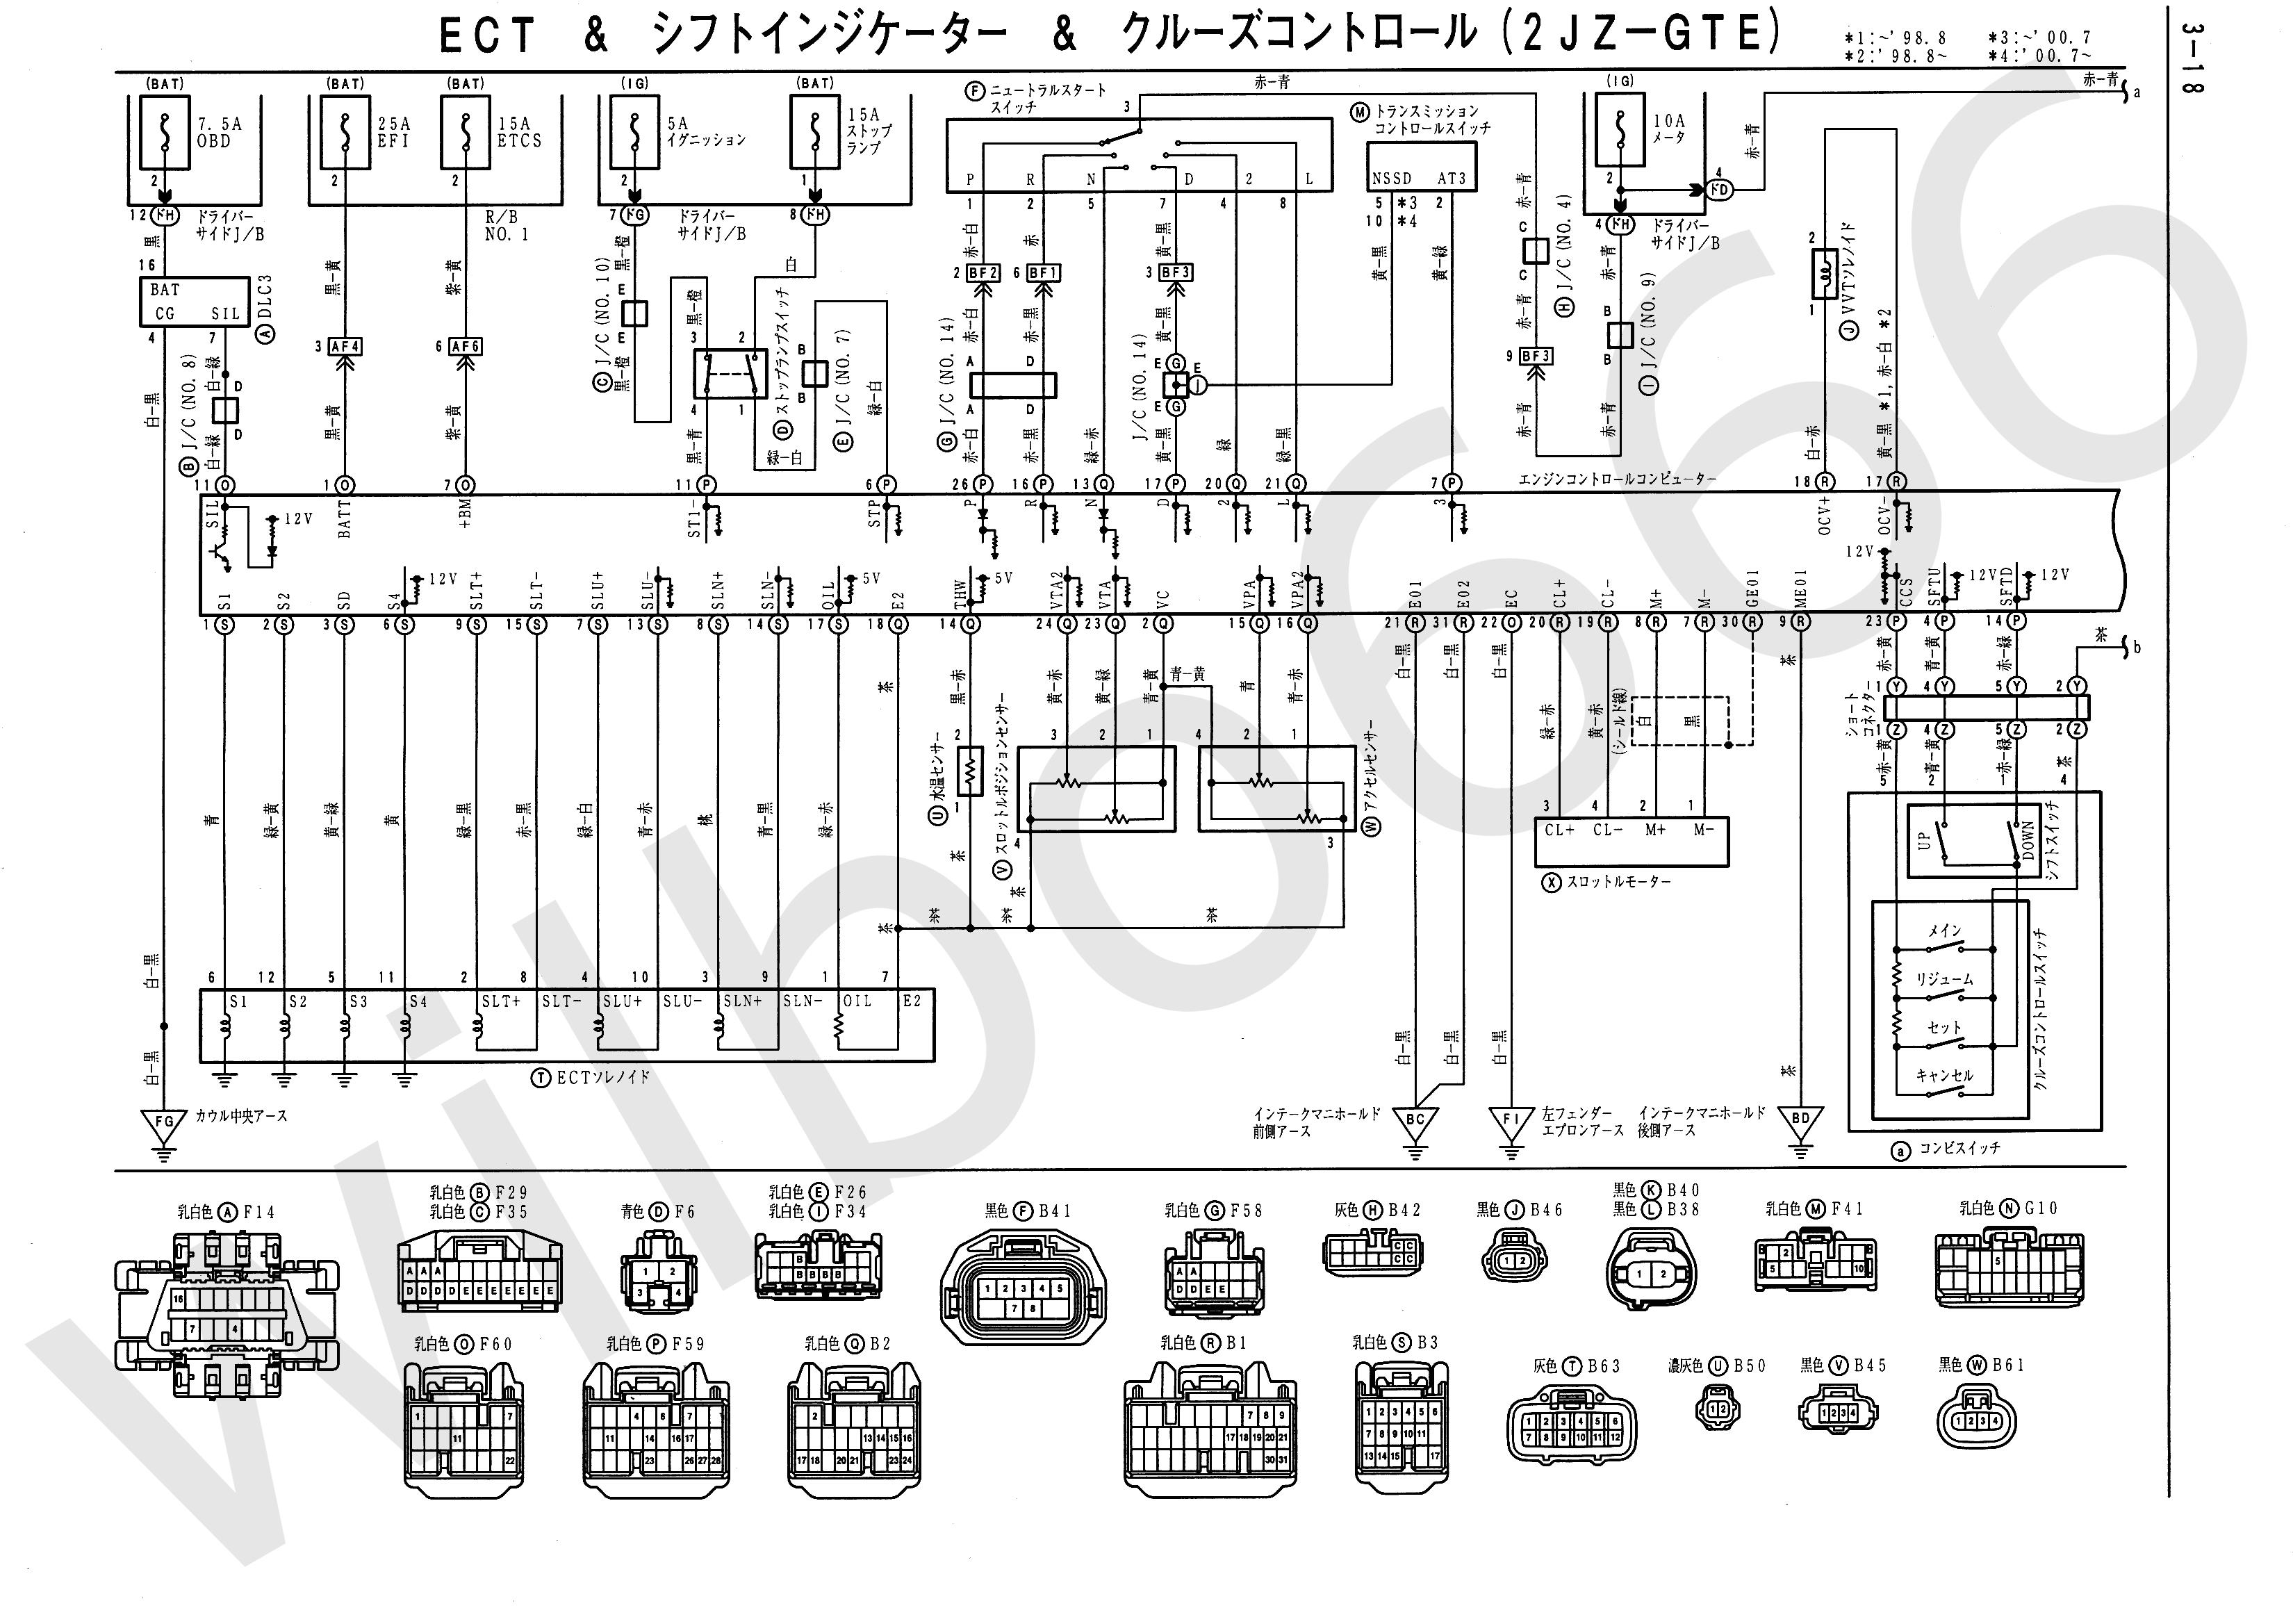 1jz gte wiring diagram schematic ls 1025  ecu wiring diagram in addition 2jz ge ecu pinout on 2jz  ecu wiring diagram in addition 2jz ge